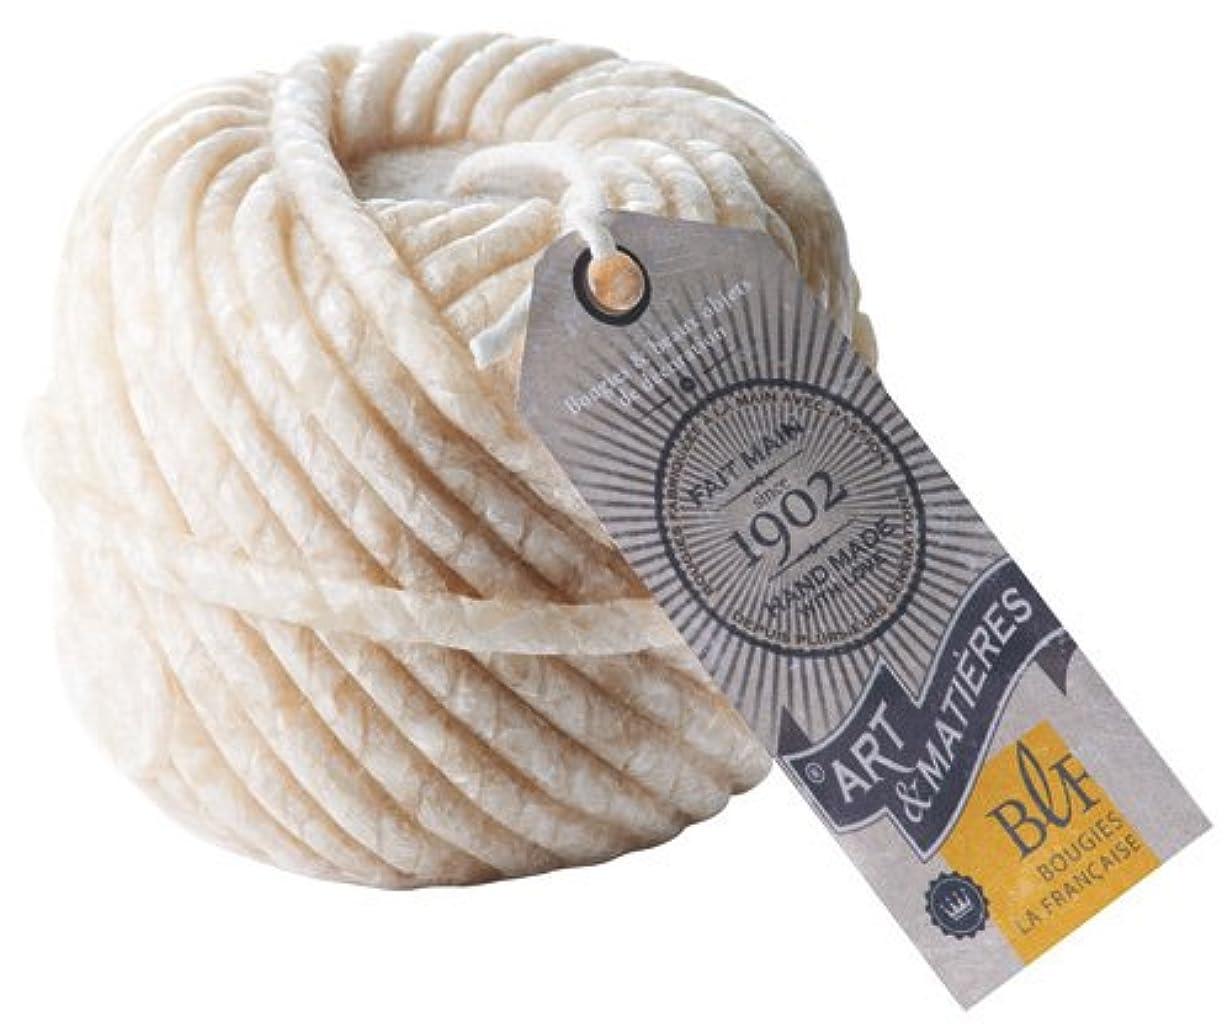 公ヘッジ懐疑論ブジ?ラ?フランセーズ 本物の毛糸玉のような ウールボールキャンドル ホワイト